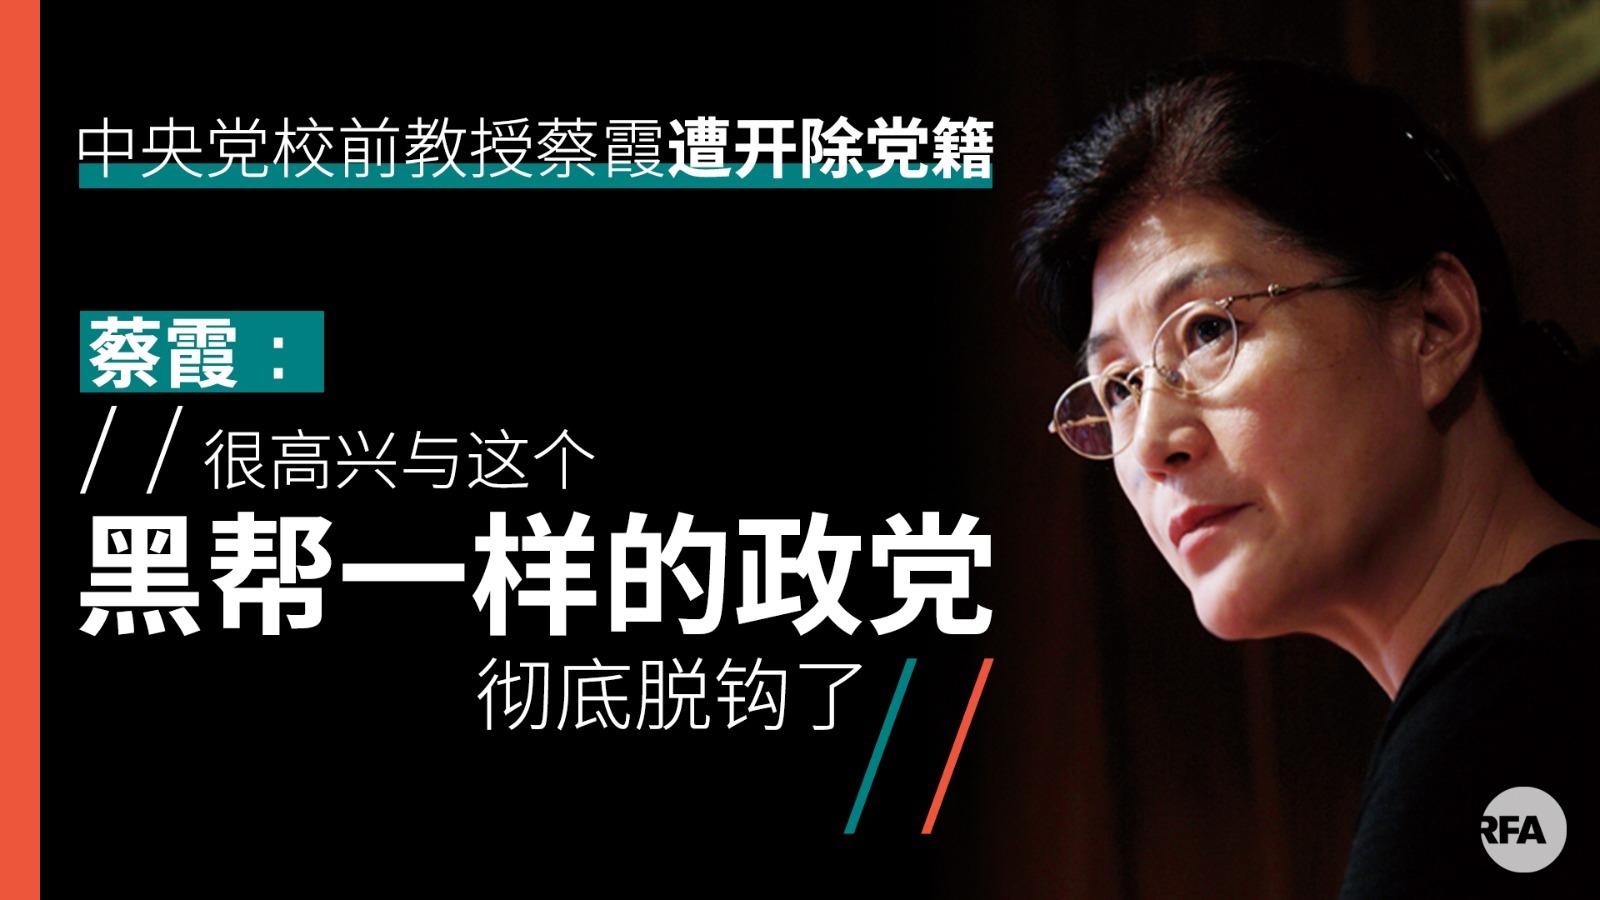 中共中央党校退休教师蔡霞遭开除党籍后,公开表示很高兴能与中共脱钩。(RFA制图)